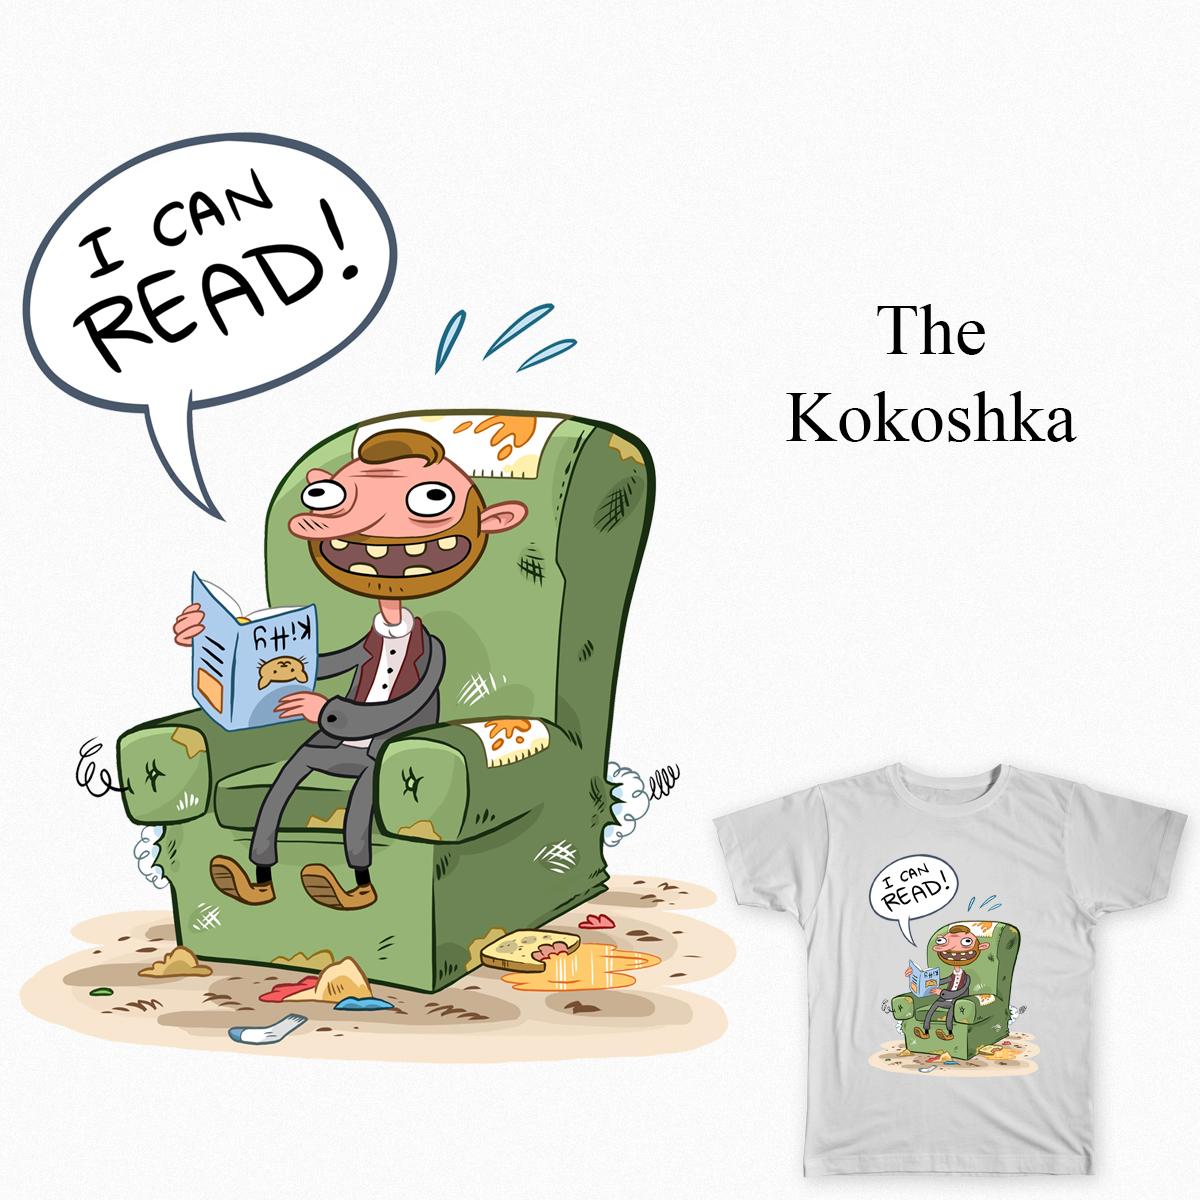 The Kokoshka  by matt.smigiel on Threadless